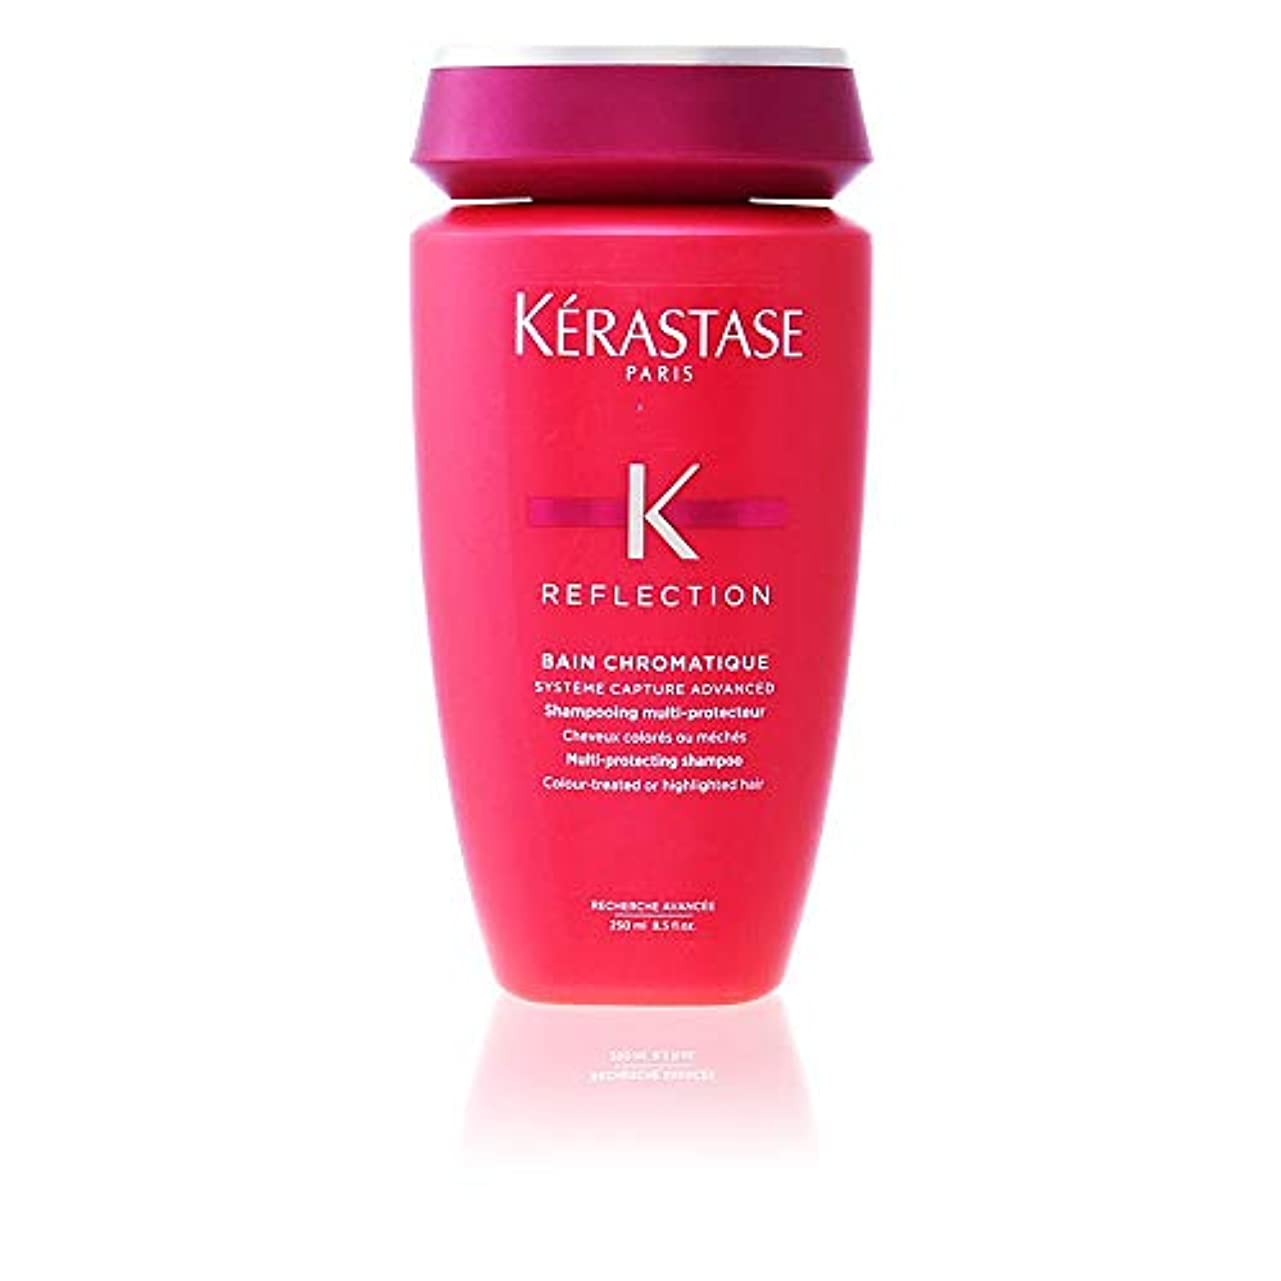 掃除ヒップフルーツケラスターゼ Reflection Bain Chromatique Multi-Protecting Shampoo (Colour-Treated or Highlighted Hair) 250ml/8.5oz並行輸入品